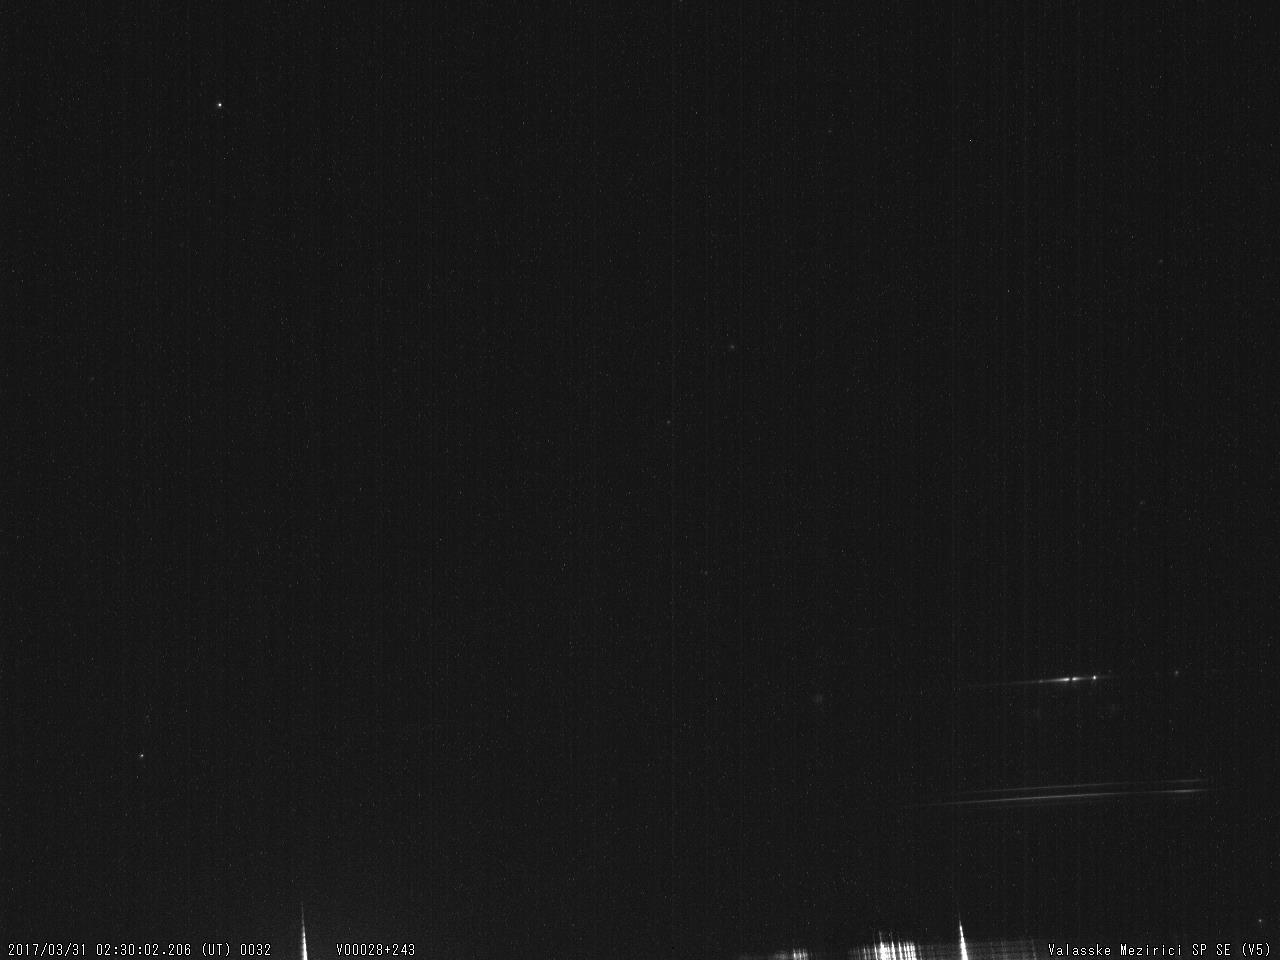 Obr. 12: Spektrum jasného meteoru 20170331_023002, spektrograf SPSE V5. Autor: Hvězdárna Valašské Meziříčí